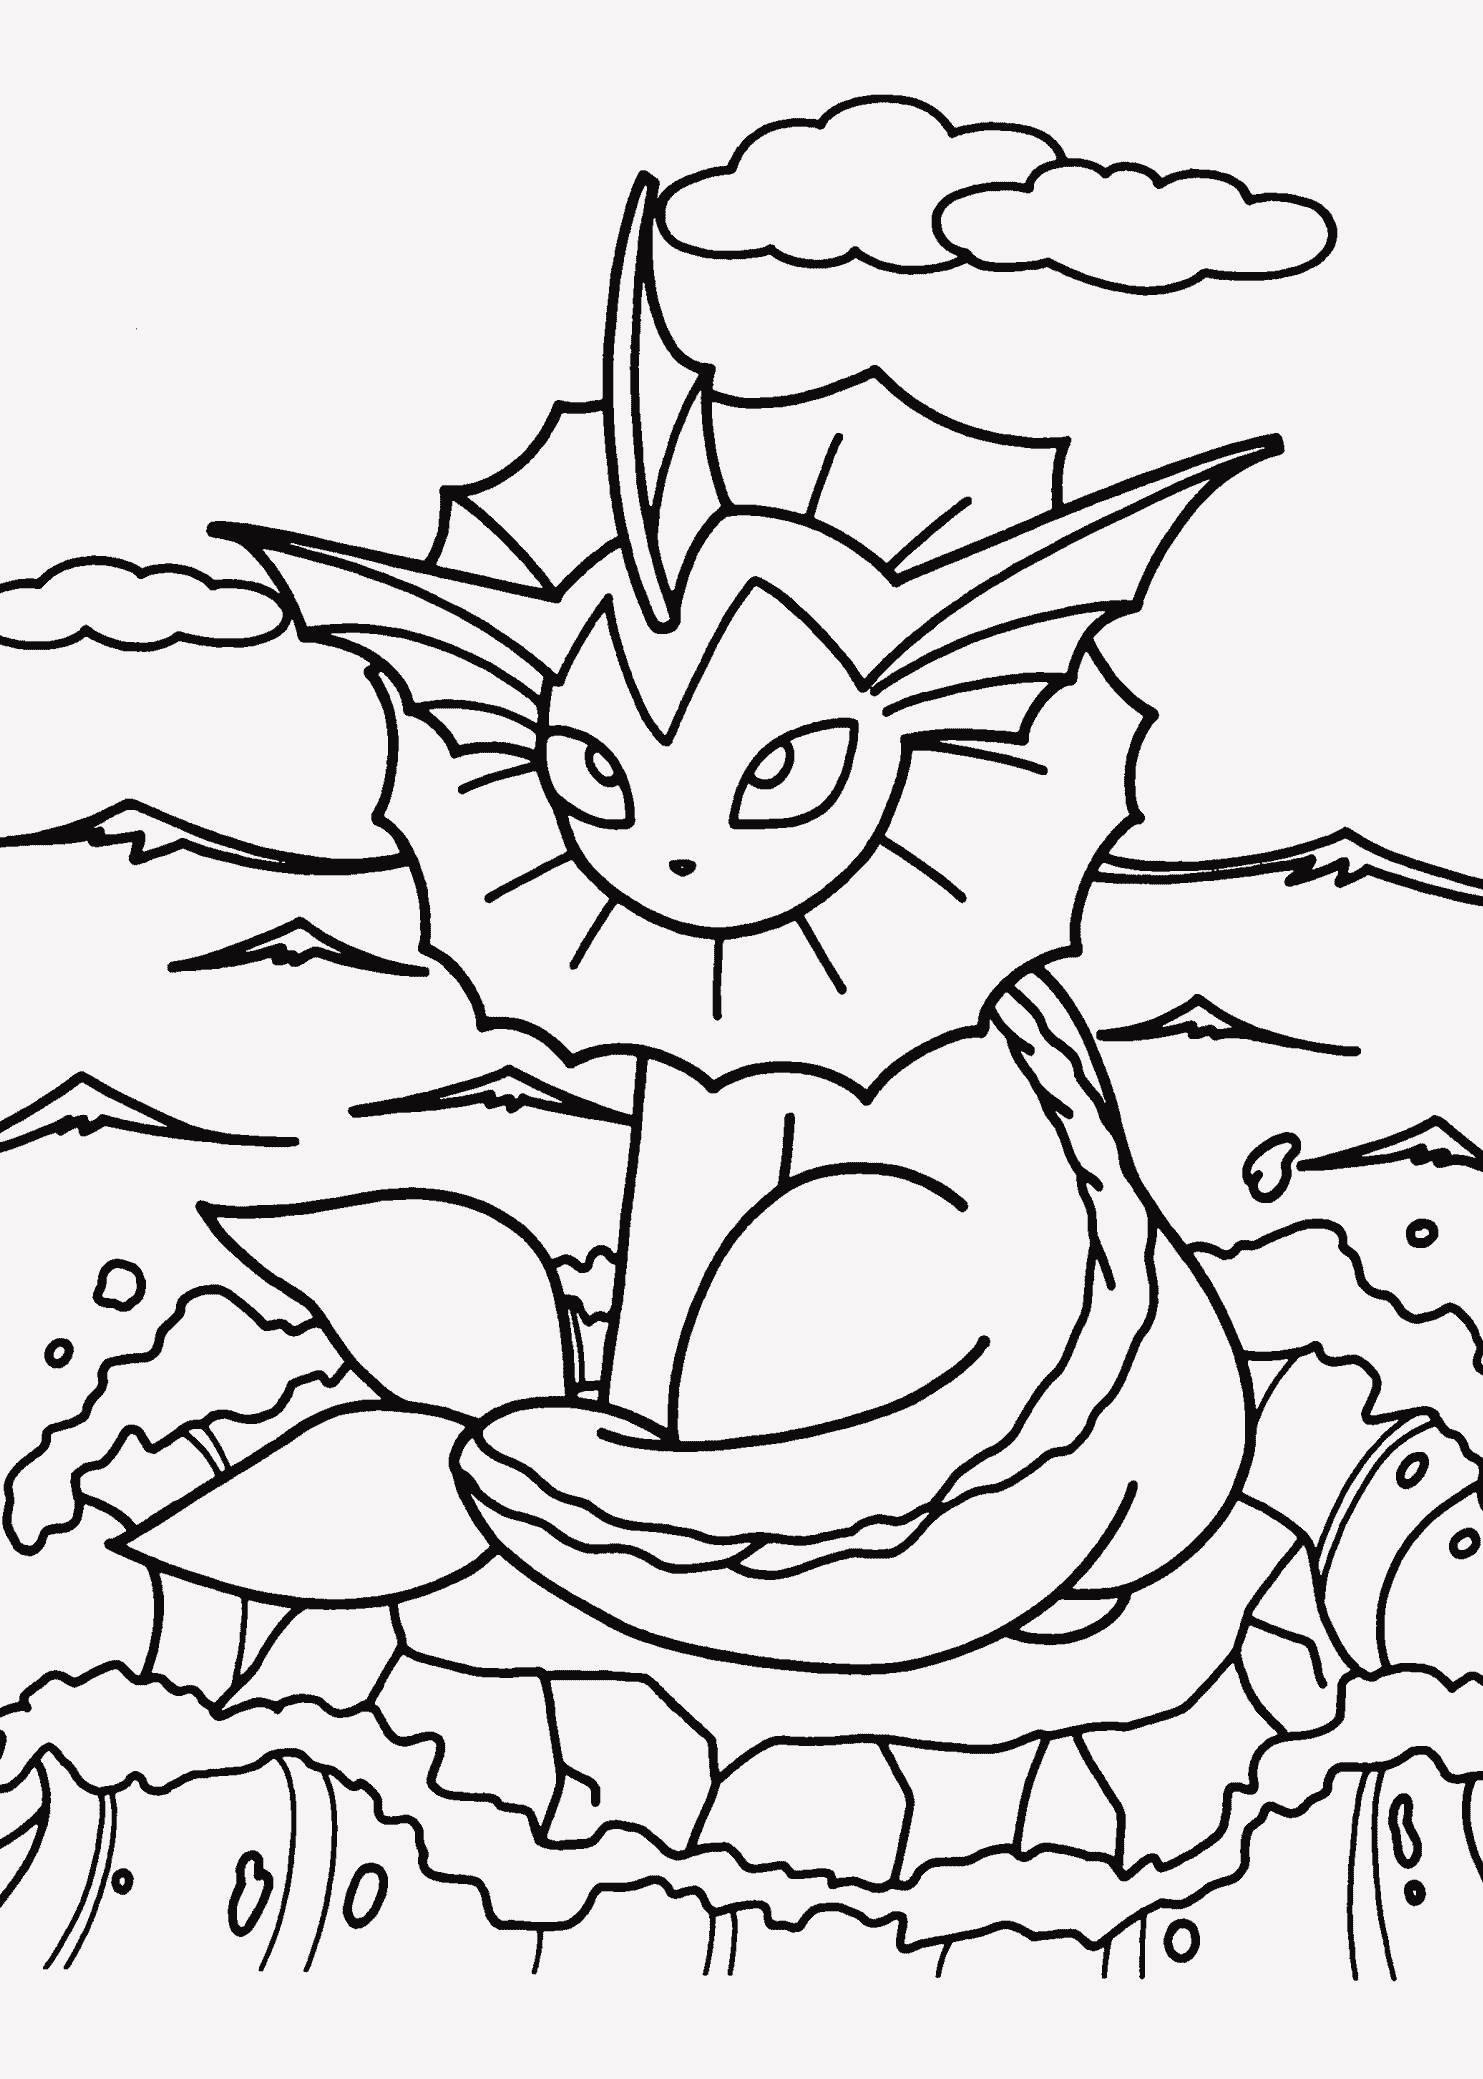 Kostenlose Ausmalbilder Pokemon Einzigartig 25 Fantastisch Ausmalbilder Pokemon Sammlung